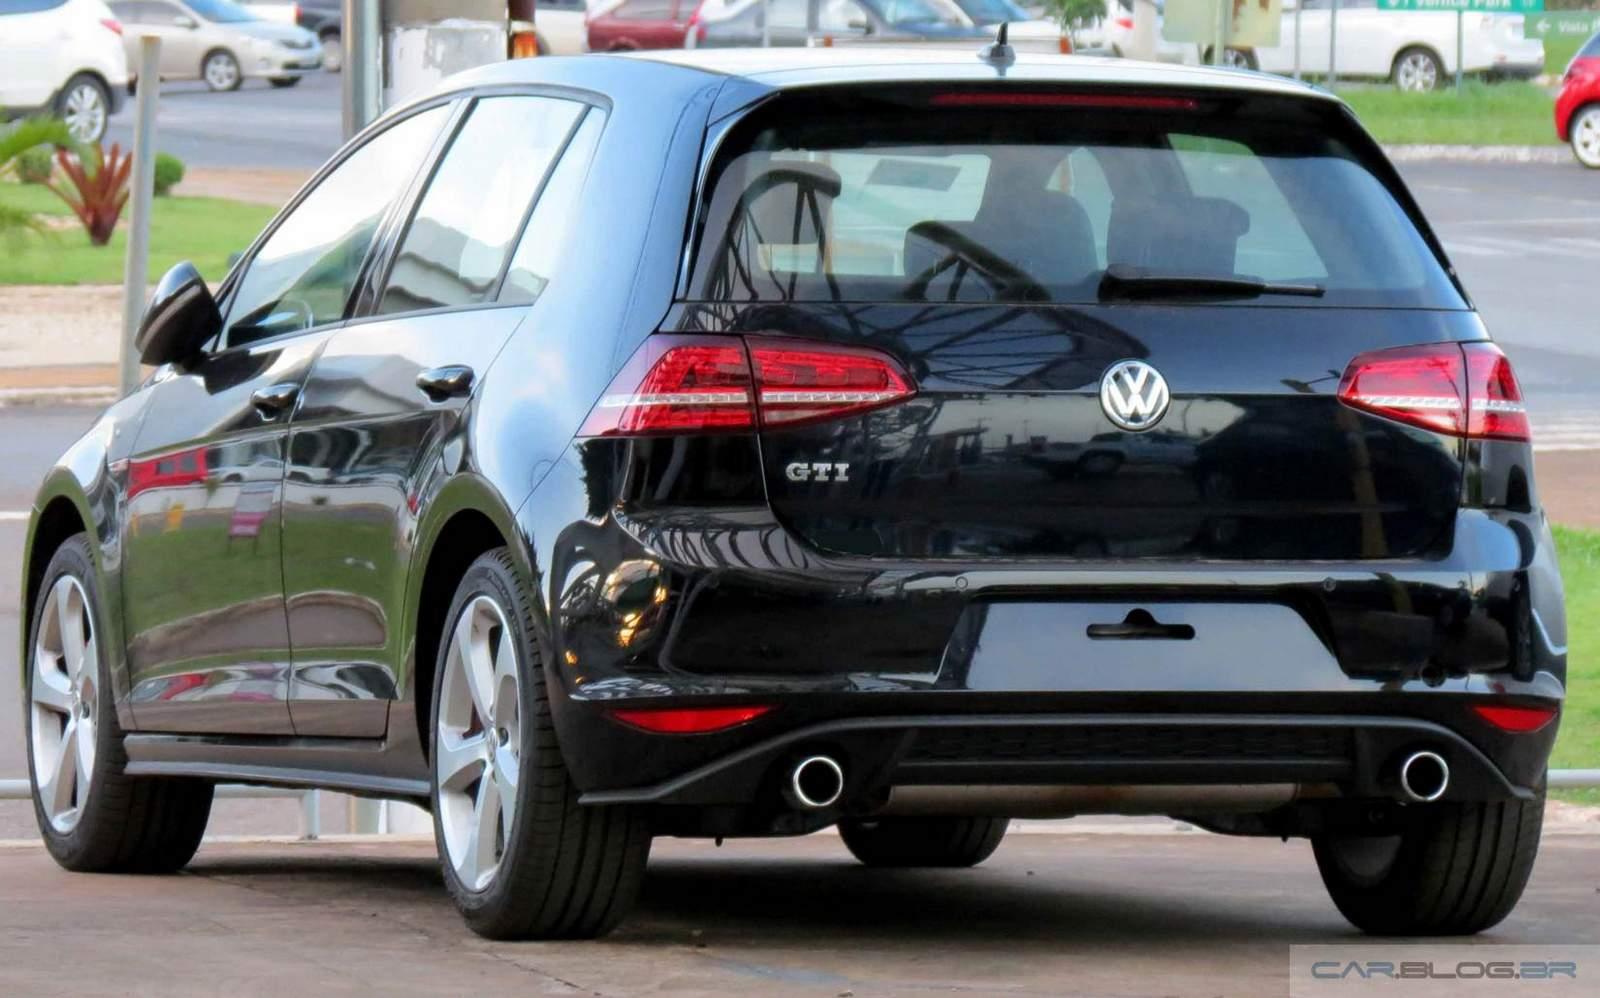 VW Golf GTI 2015 - Preto